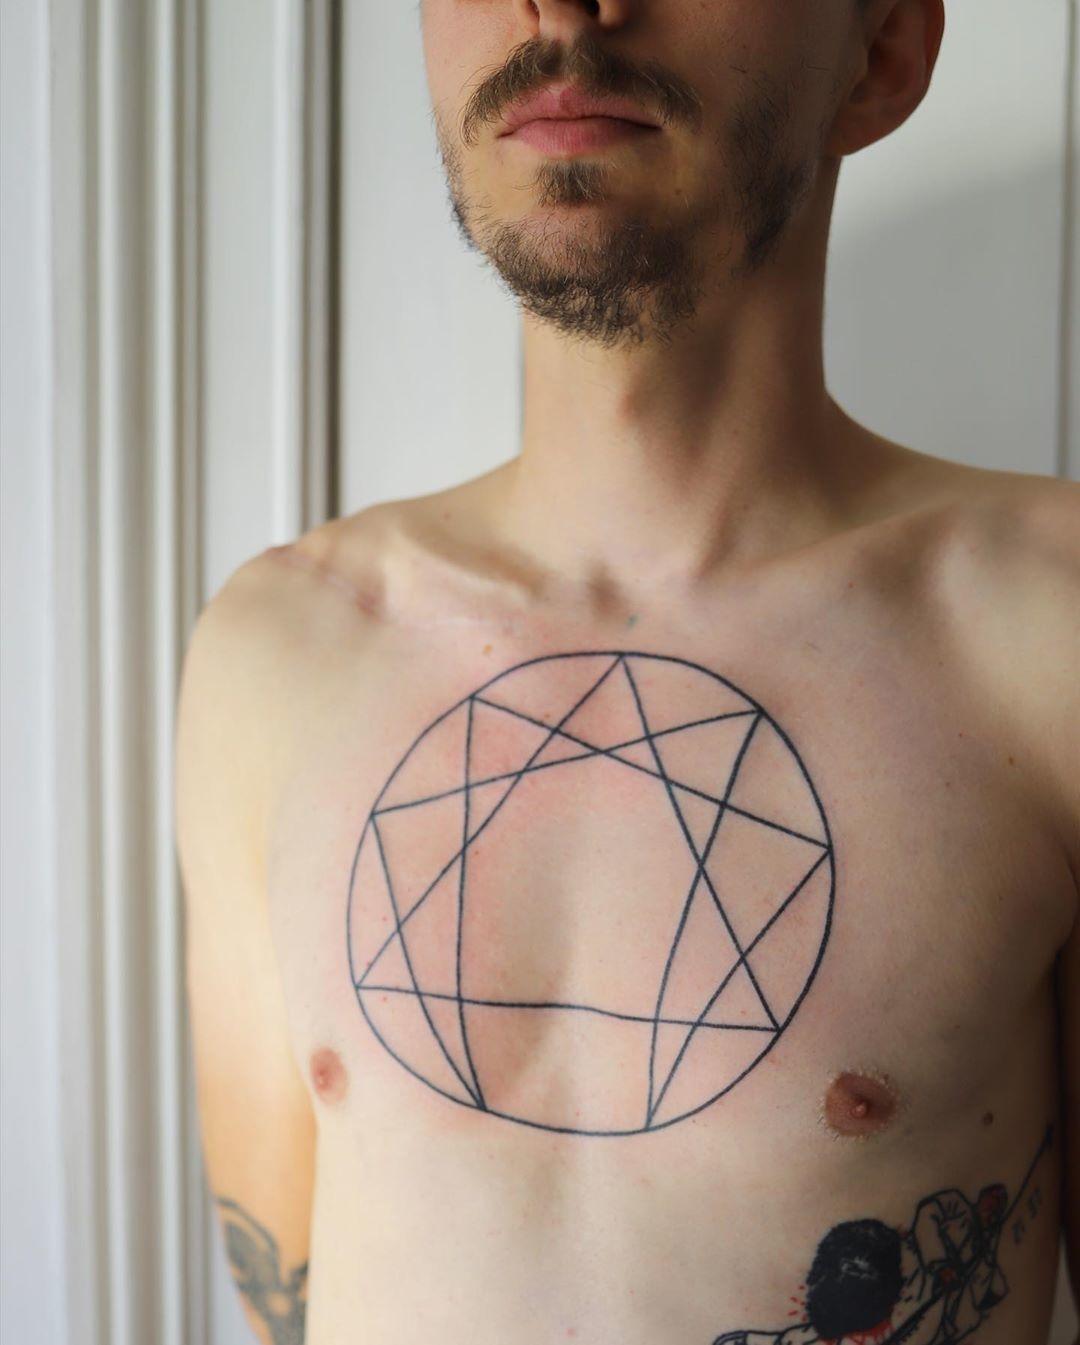 Inksearch tattoo Freckle Hand Poke